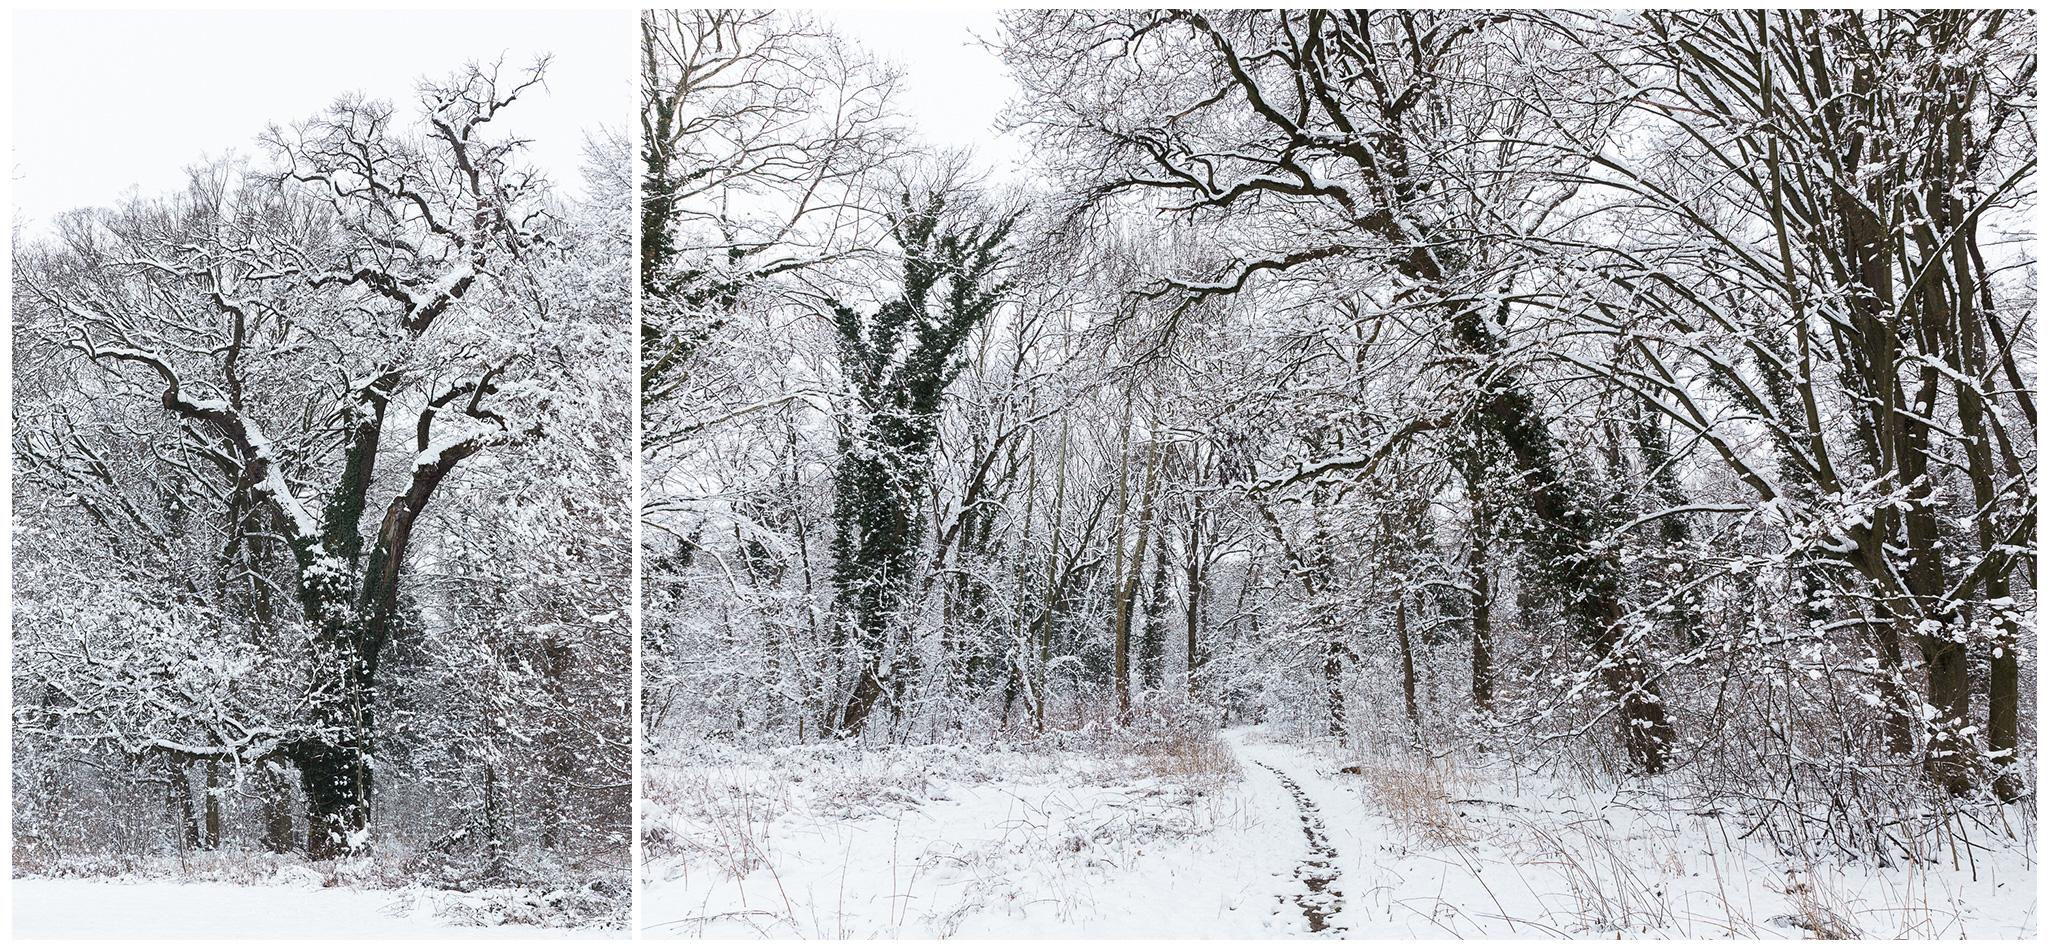 Körmend,Várkert,tél,2018,Fülöp Péter, fylepphoto, Vasmegye, Dunántúl_008.jpg